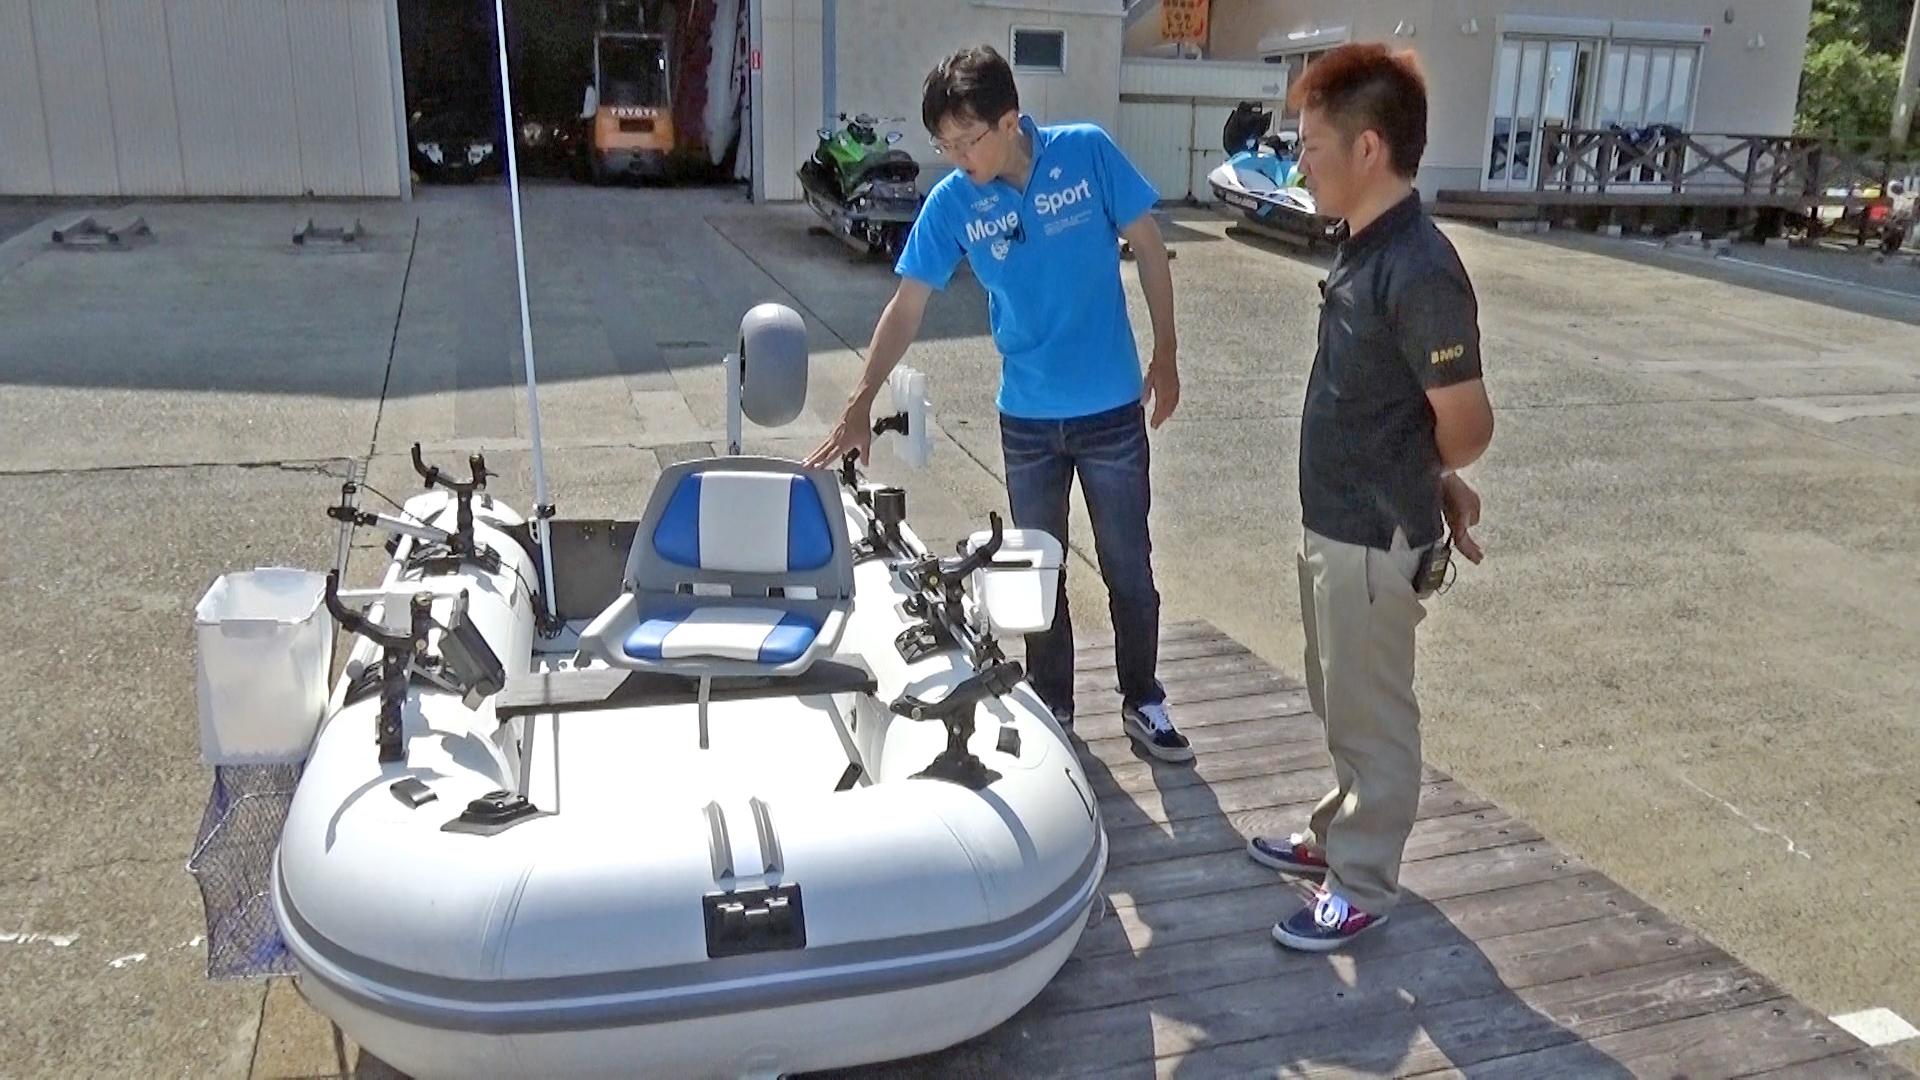 【ワントゥーフィール 第1回】BMOゴムボート艤装アイテム